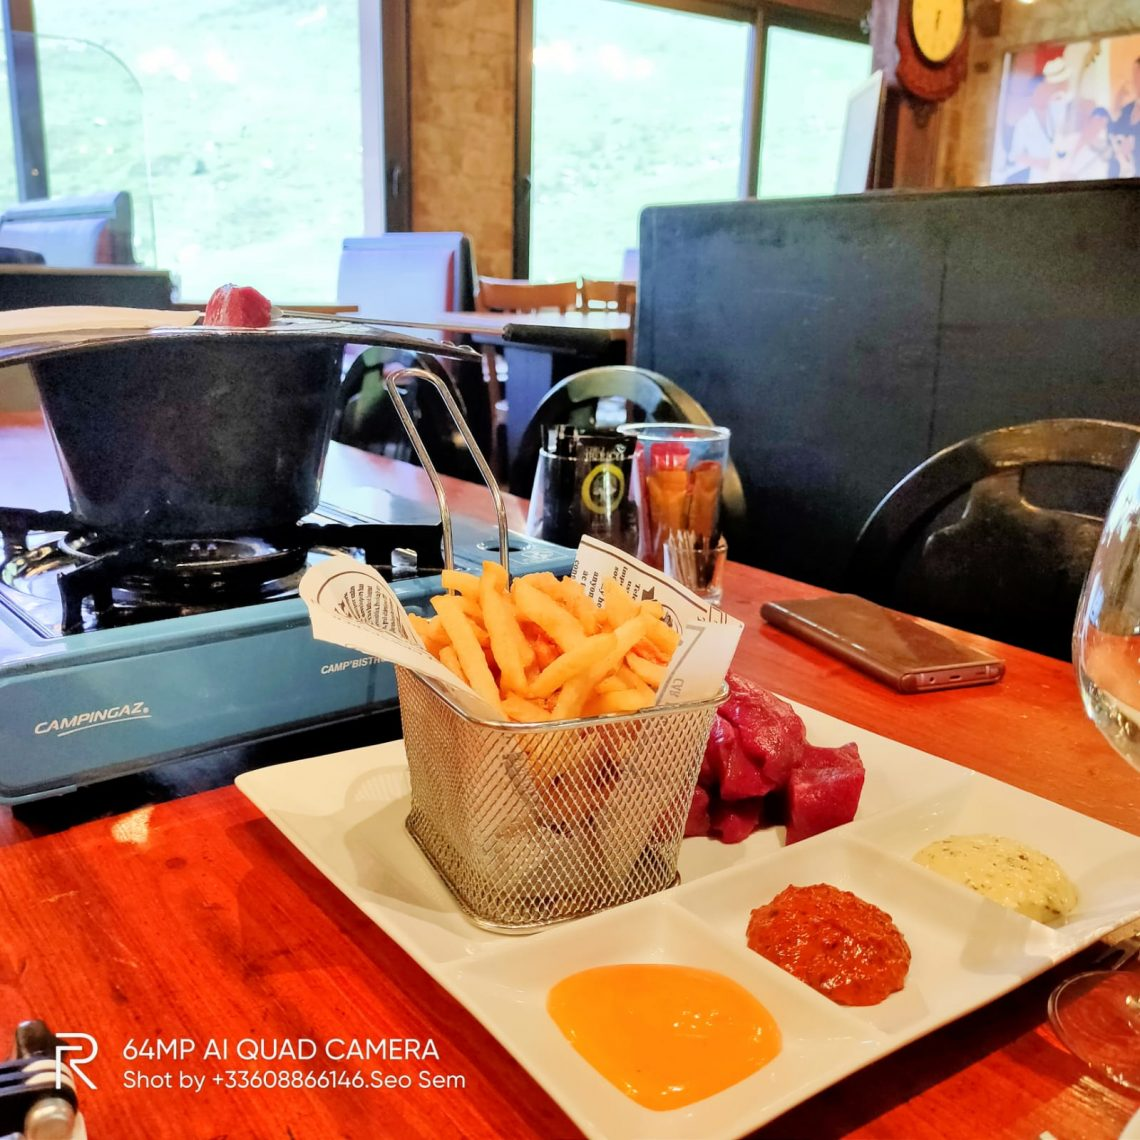 Viande délicieuse et fondue extra. Venu par hasard en couple, avant de poursuivre notre week-end sur Andorre la vieille, nous n'avons pas été déçus !